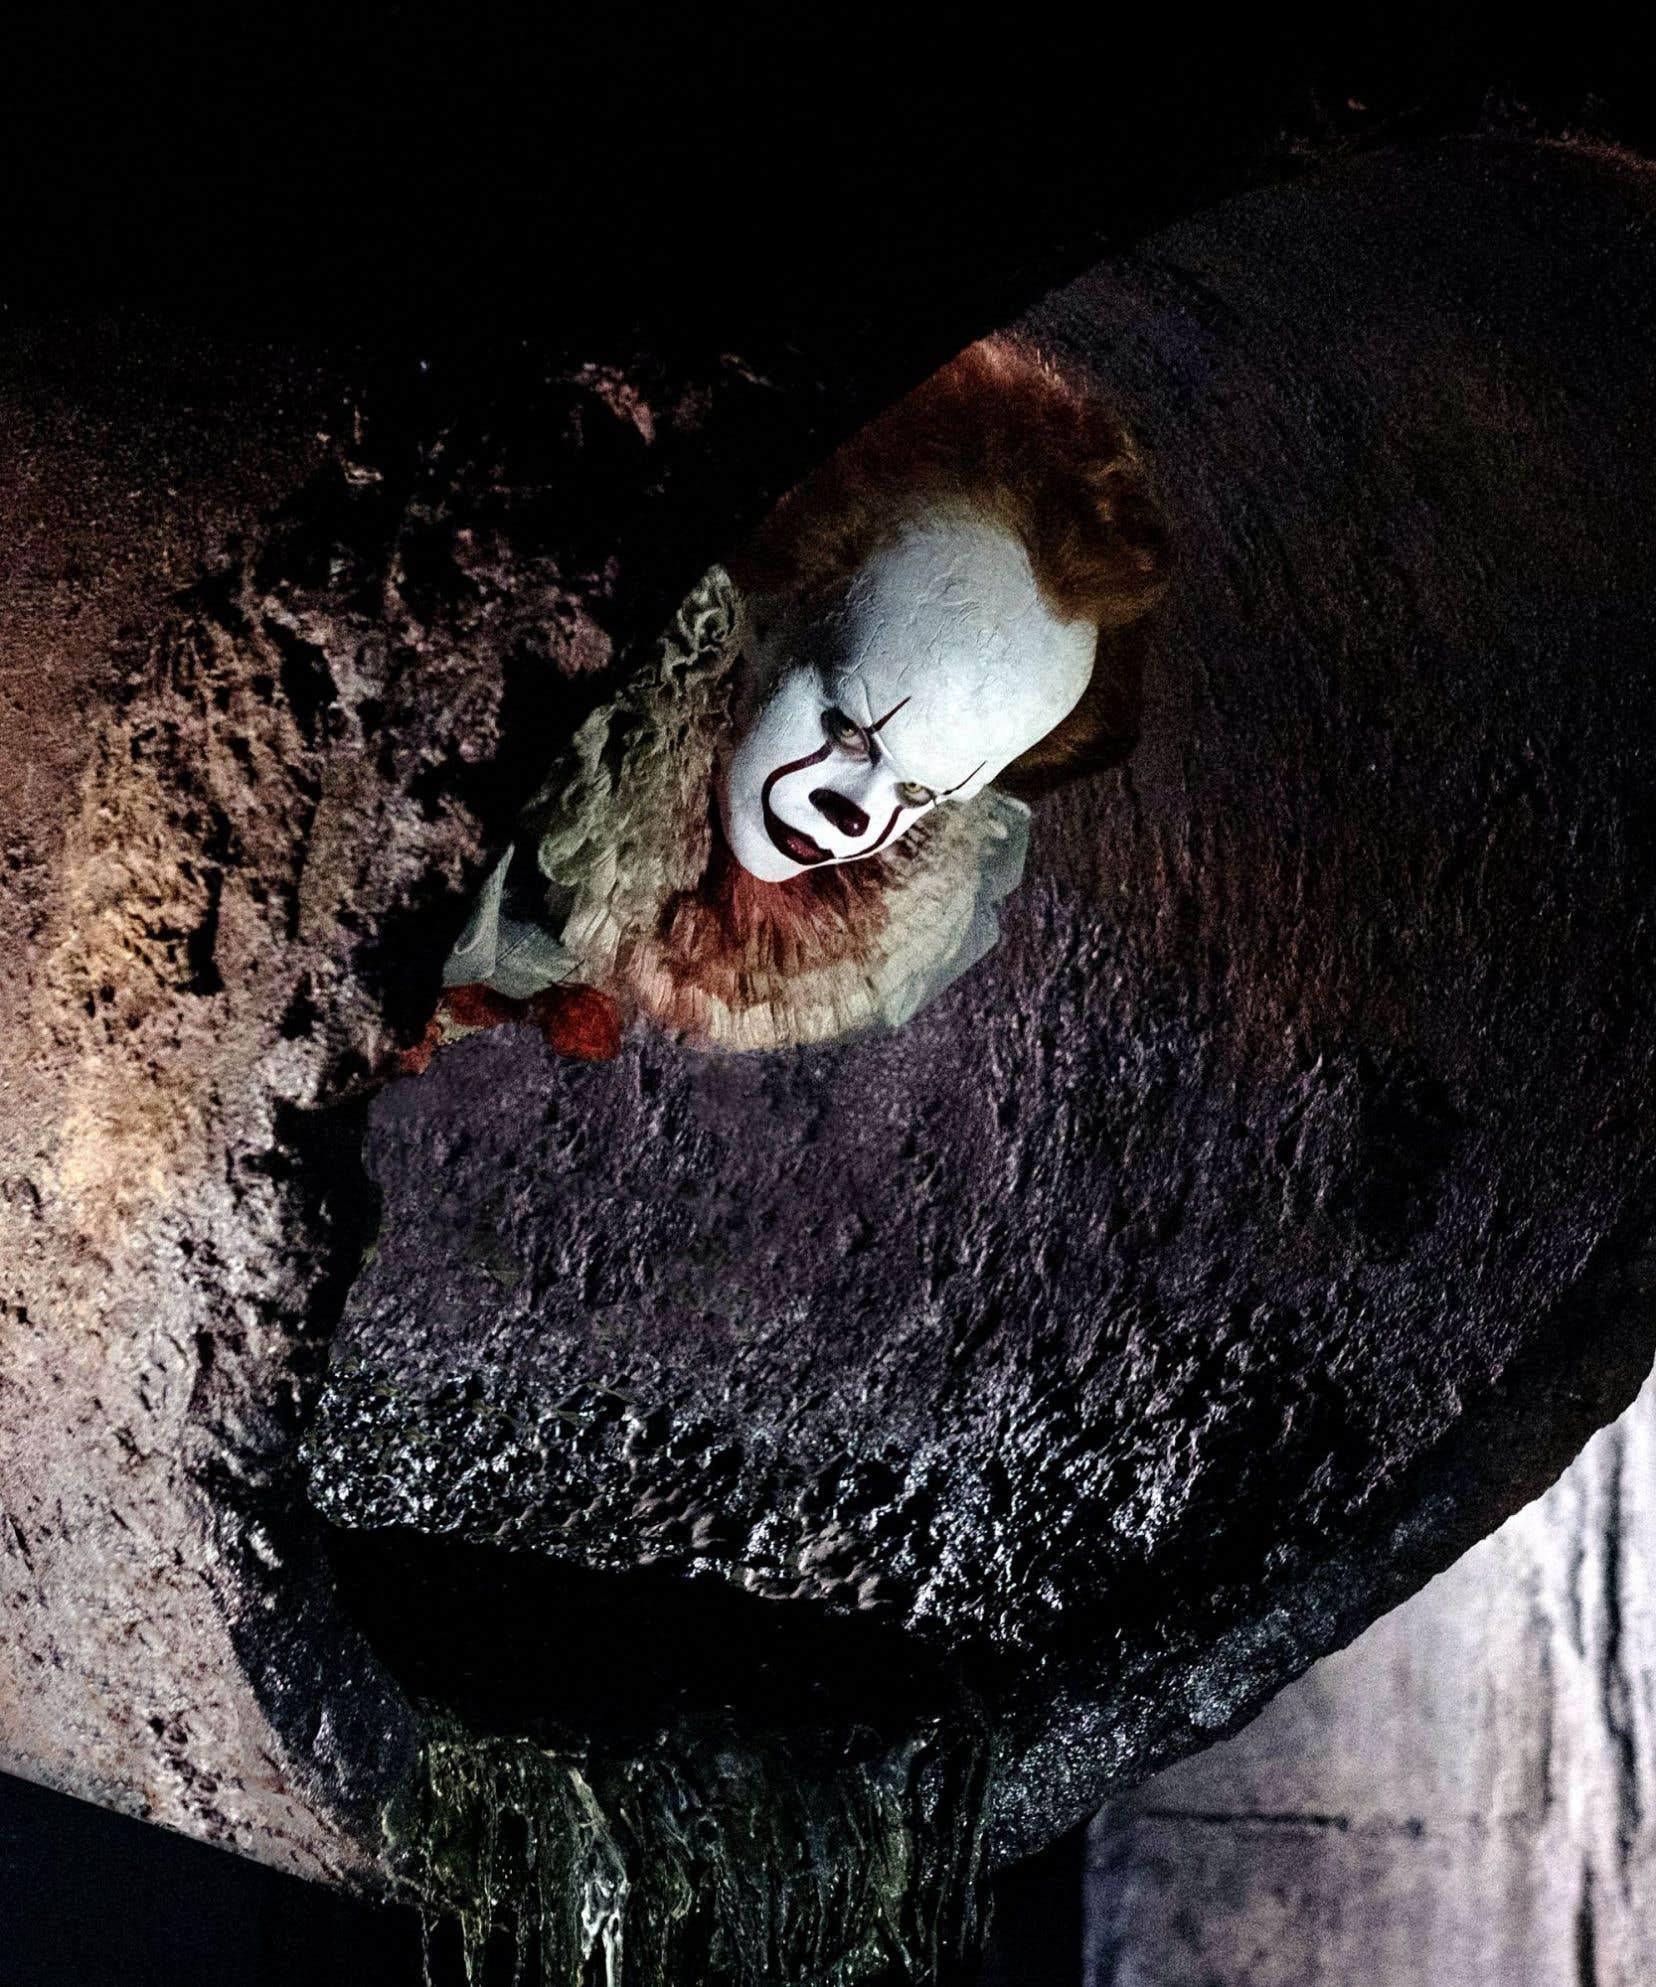 Une scène du film «ÇA» du réalisateur Andy Muschetti, premier volet d'un diptyque cinématographique